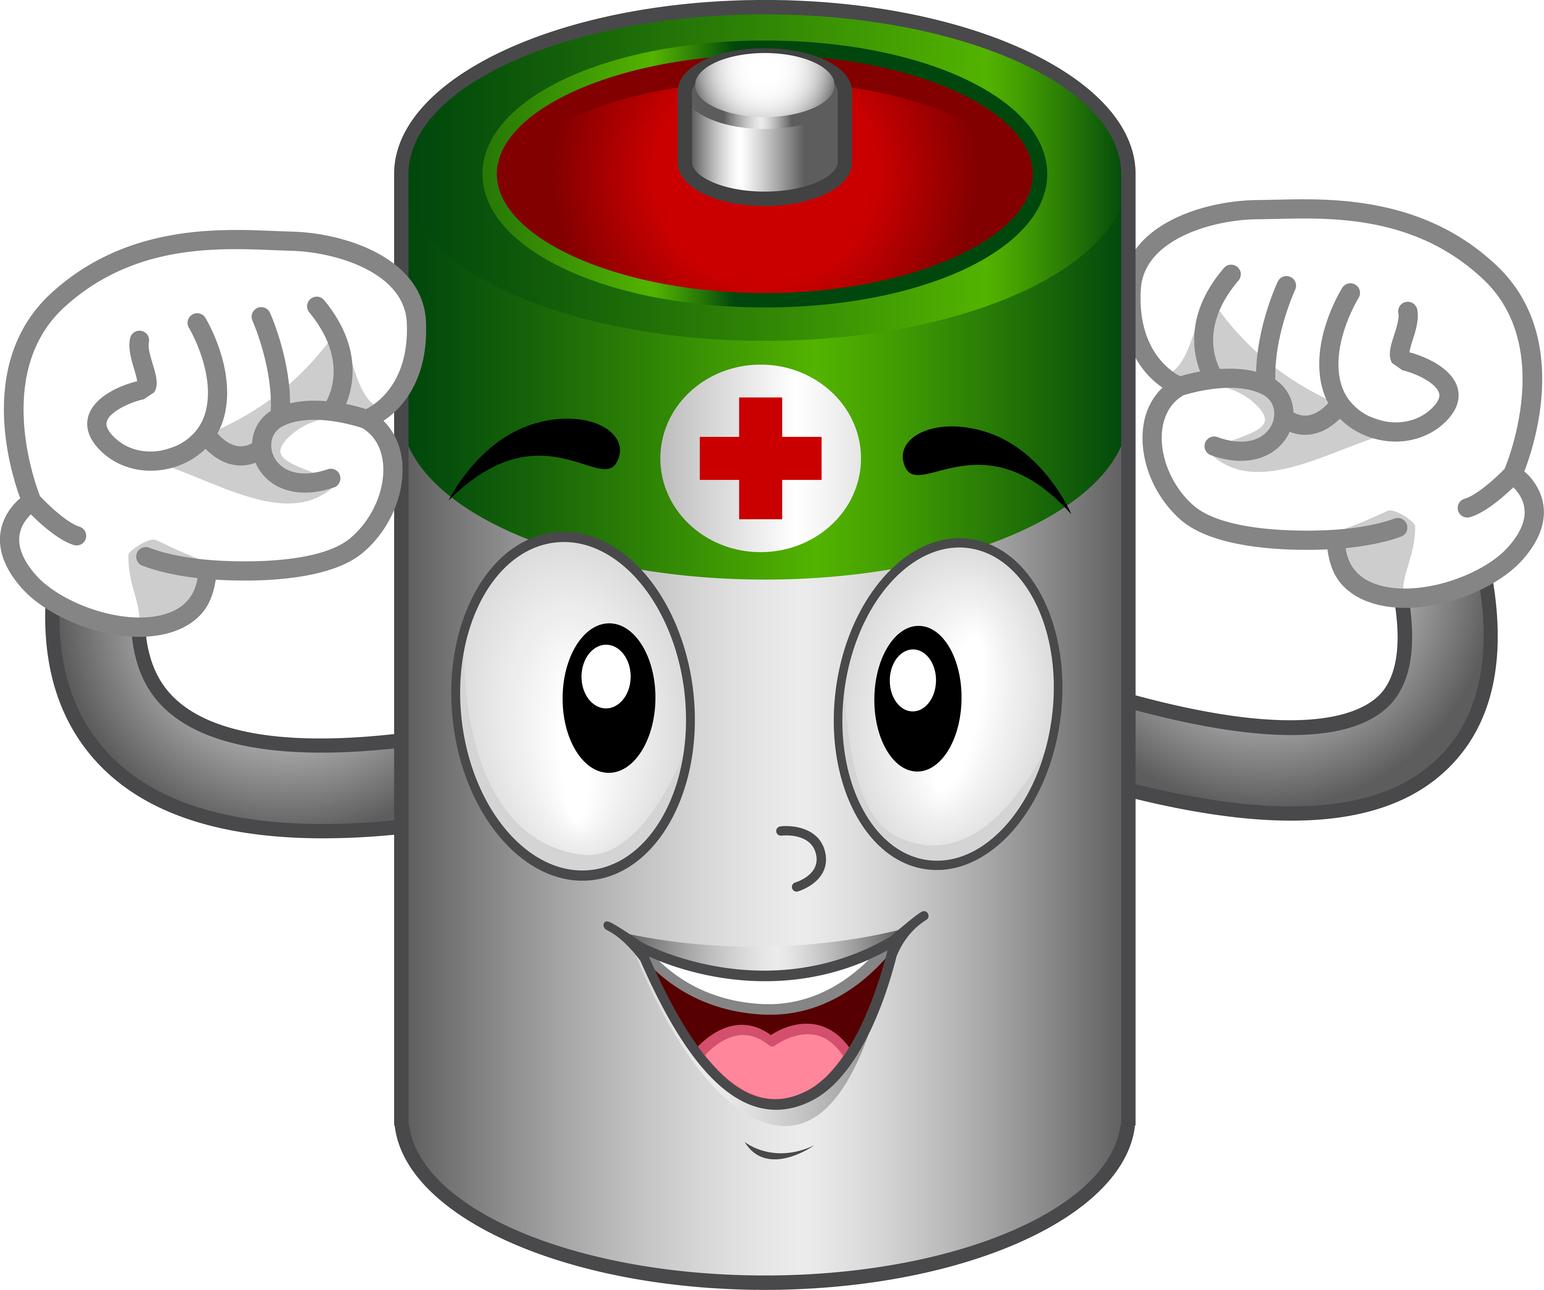 Positive energy clipart png transparent Positive Energy Cliparts 12 - 1544 X 1290 - Making-The-Web.com png transparent